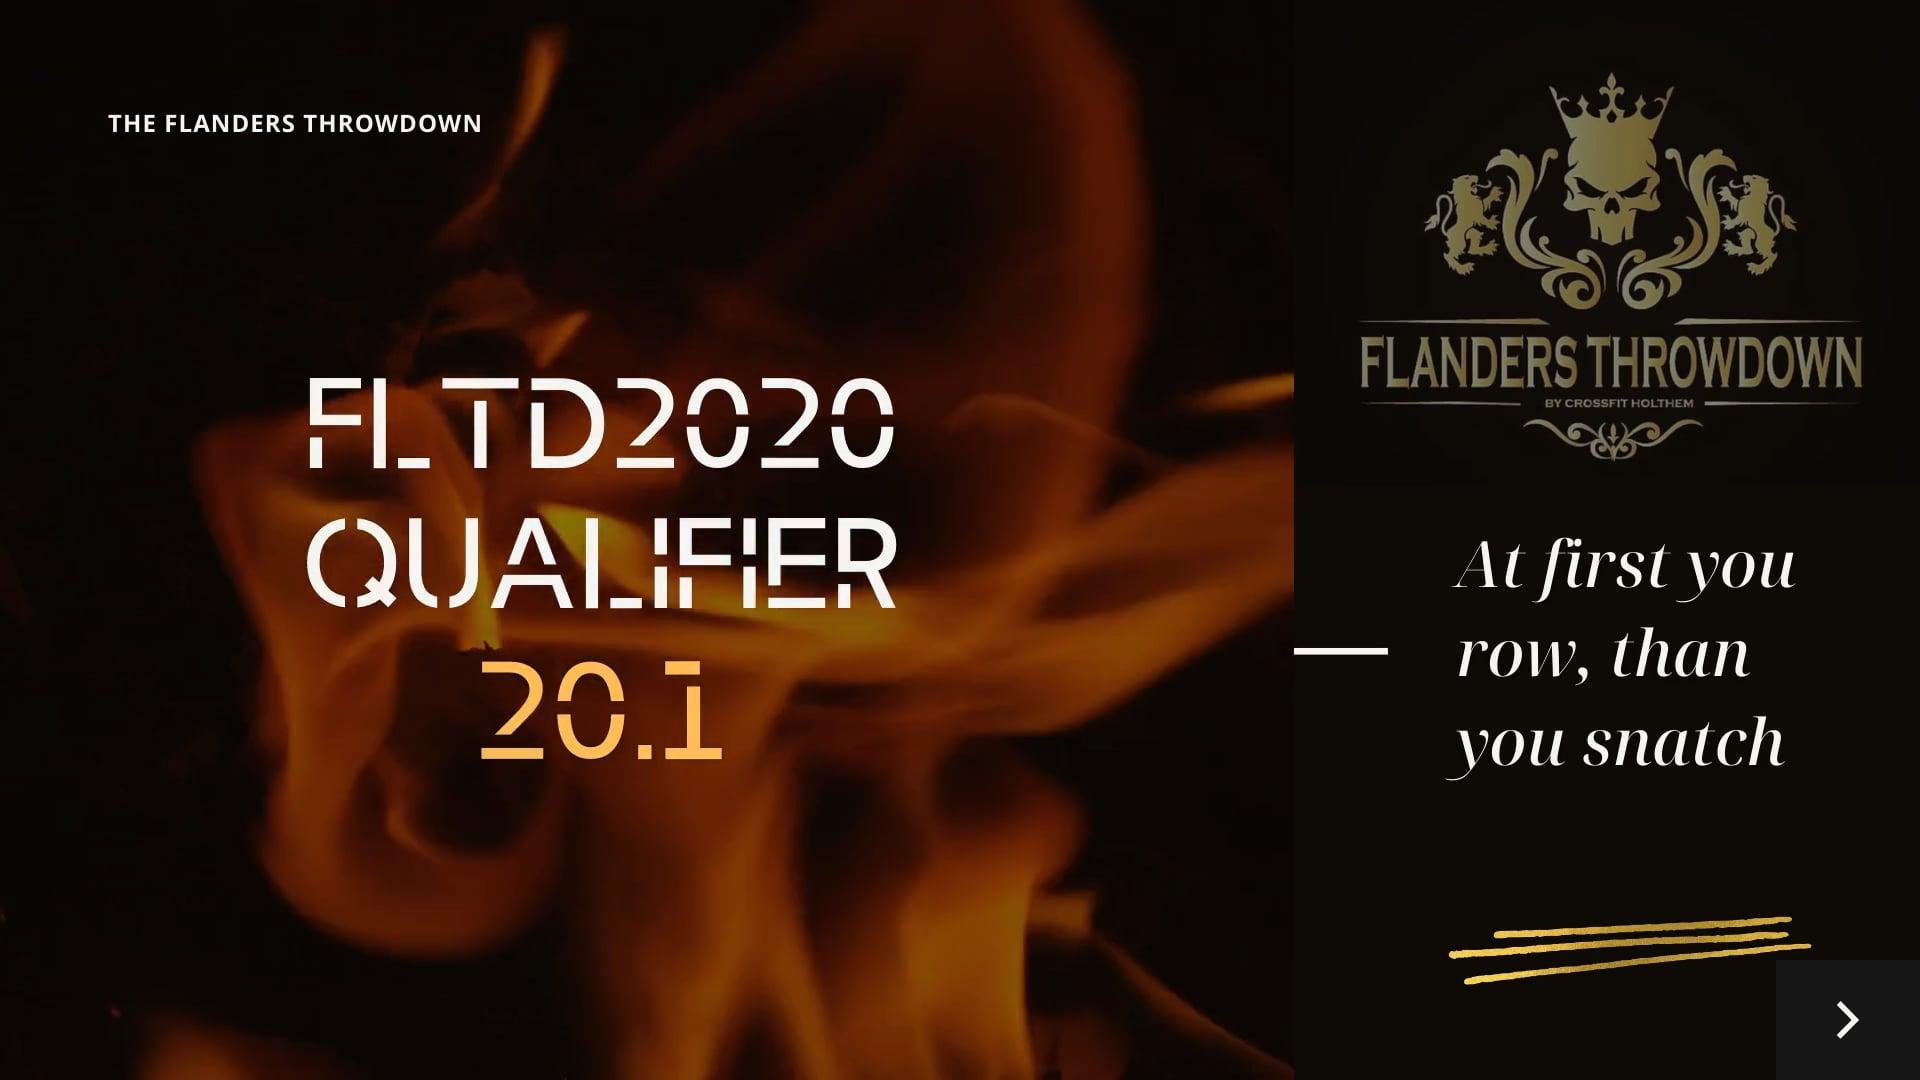 FLTD2020 QUALIFIER 20.1